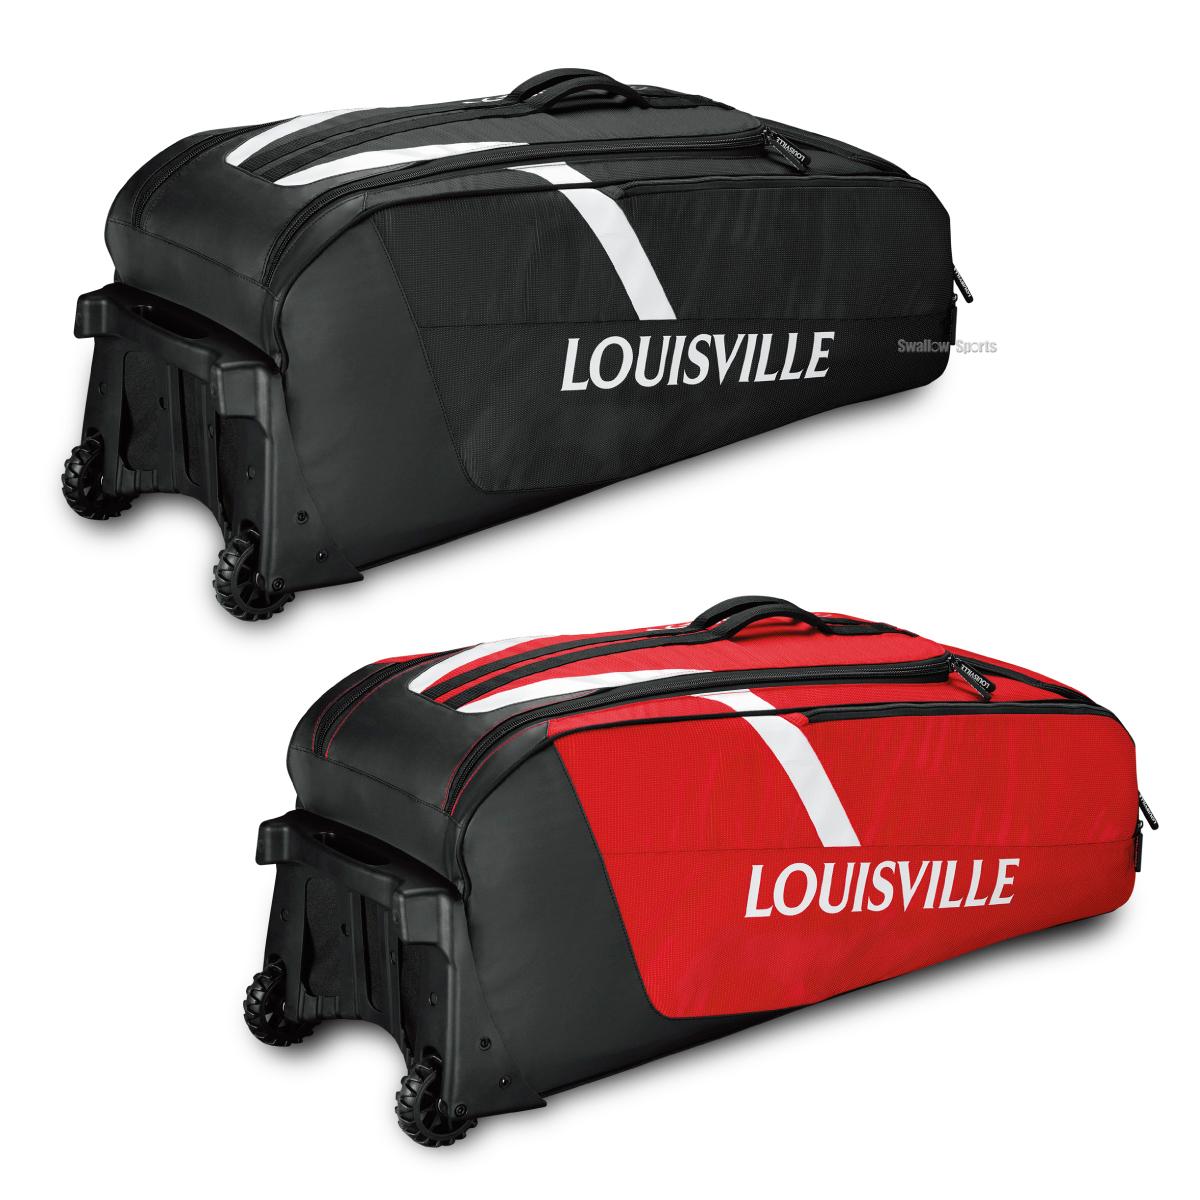 【あす楽対応】 ルイスビルスラッガー SELECT キャリーバッグ バットケース 4本入れ WTL9701 遠征バッグ 野球部 野球用品 スワロースポーツ